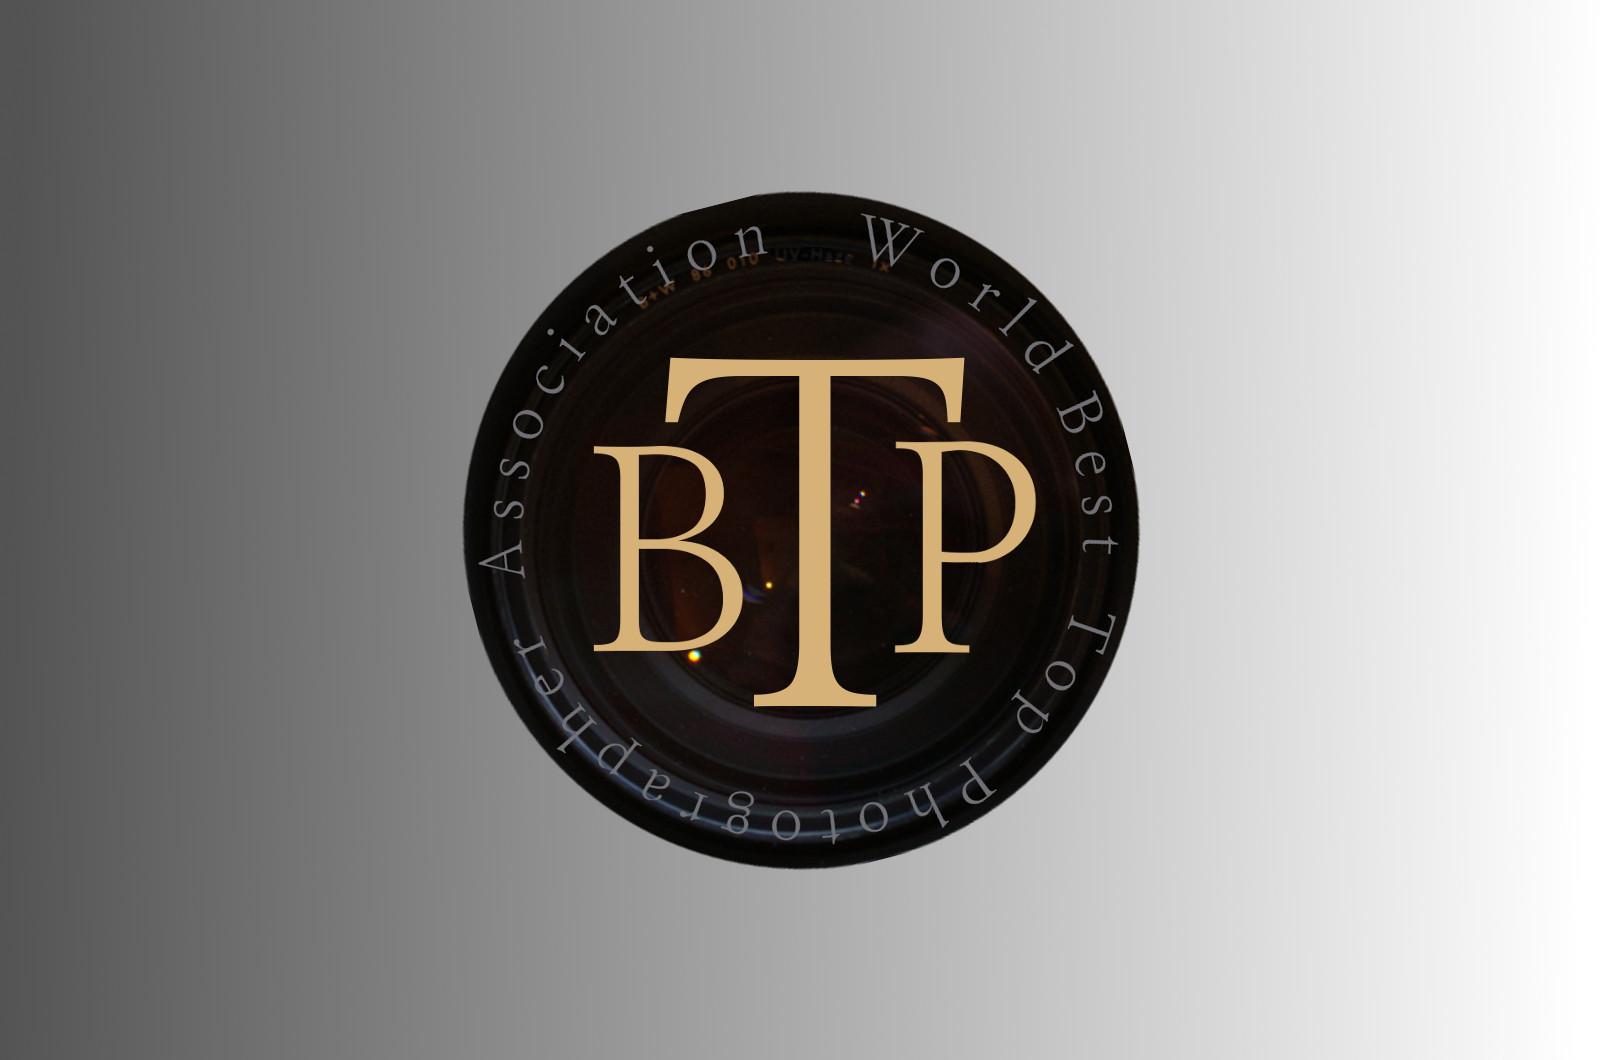 BTP Featured Top Photo